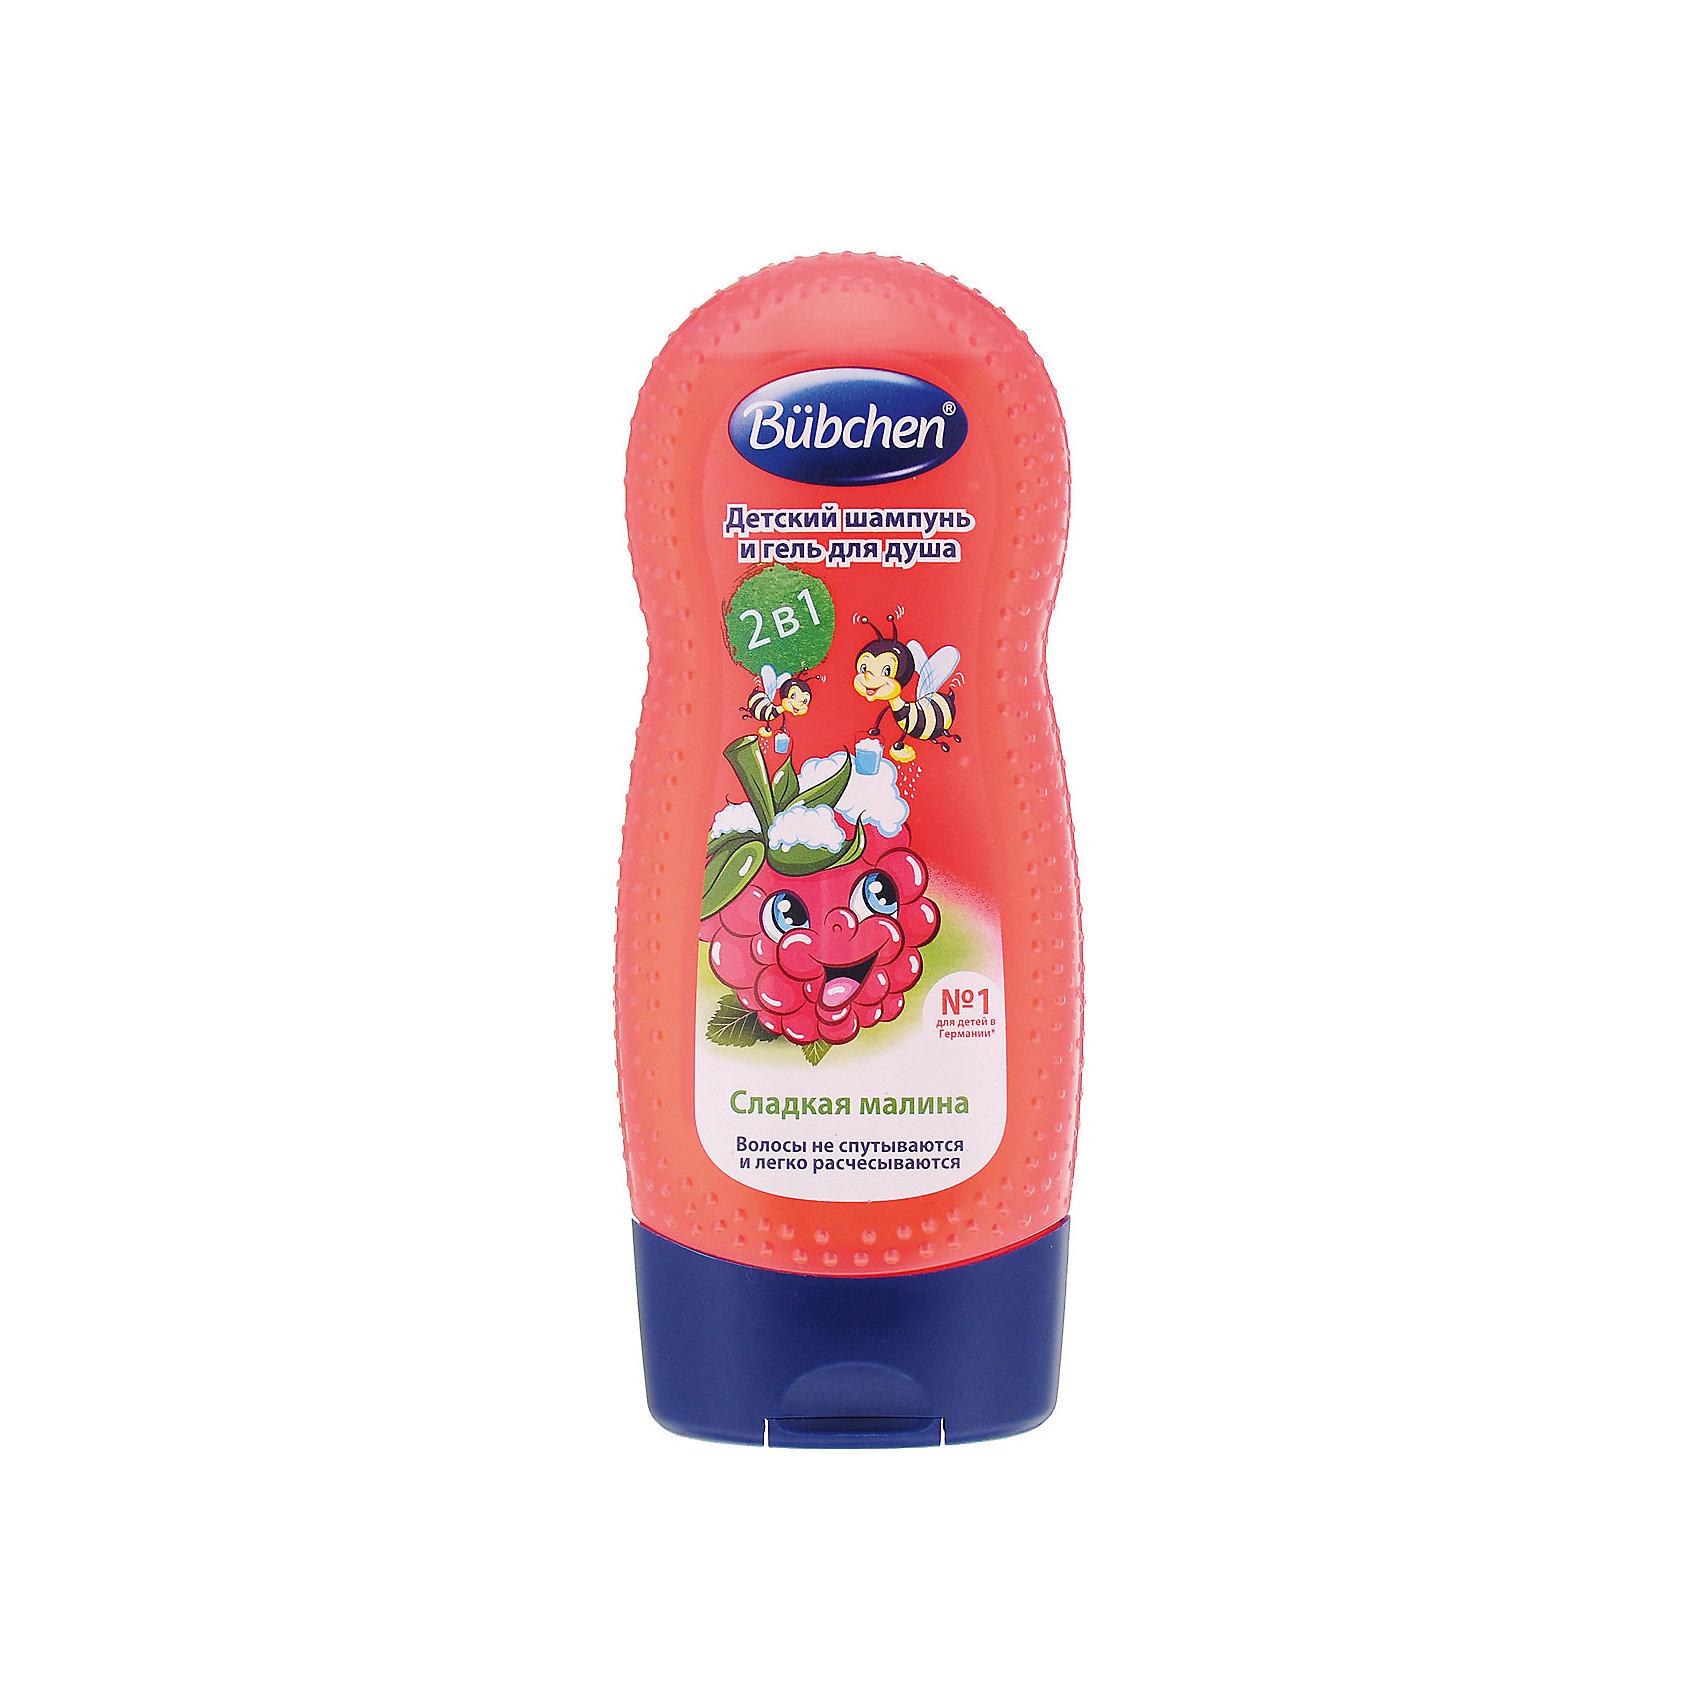 Шампунь для мытья волос и тела Малина, Bubchen, 230 мл.Шампунь для мытья волос и тела Малина, Bubchen, 230 мл. - мягко и бережно очистит кожу и волосы малыша.<br><br>Шампунь содержит активные компоненты на растительной основе: Алоэ Вера, провитамин В5 и протеины пшеницы, которые способствуют нежному очищению и защите детской кожи. Натуральные питательные вещества укрепляют волосы и придают им волшебный шелковистый блеск. После мытья волосы легко расчесываются. Шампунь не раздражает глаза и не вызывает слез. Шампунь Малина совмещает в себе гель для тела и шампунь. Не содержит вызывающих аллергическую реакцию ароматизаторов и красителей, pH-нейтрален.<br><br>Дополнительная информация:<br><br>- размер 65х40х170 мм<br>- объем: 230 мл.<br><br>Шампунь для мытья волос и тела Малина, Bubchen, 230 мл. имеет чарующий запах малины, который превратит купание в настоящее удовольствие.<br><br>Шампунь для мытья волос и тела Малина, Bubchen, 230 мл. можно купить в нашем магазине.<br><br>Ширина мм: 67<br>Глубина мм: 35<br>Высота мм: 170<br>Вес г: 260<br>Возраст от месяцев: 24<br>Возраст до месяцев: 2147483647<br>Пол: Унисекс<br>Возраст: Детский<br>SKU: 3713818